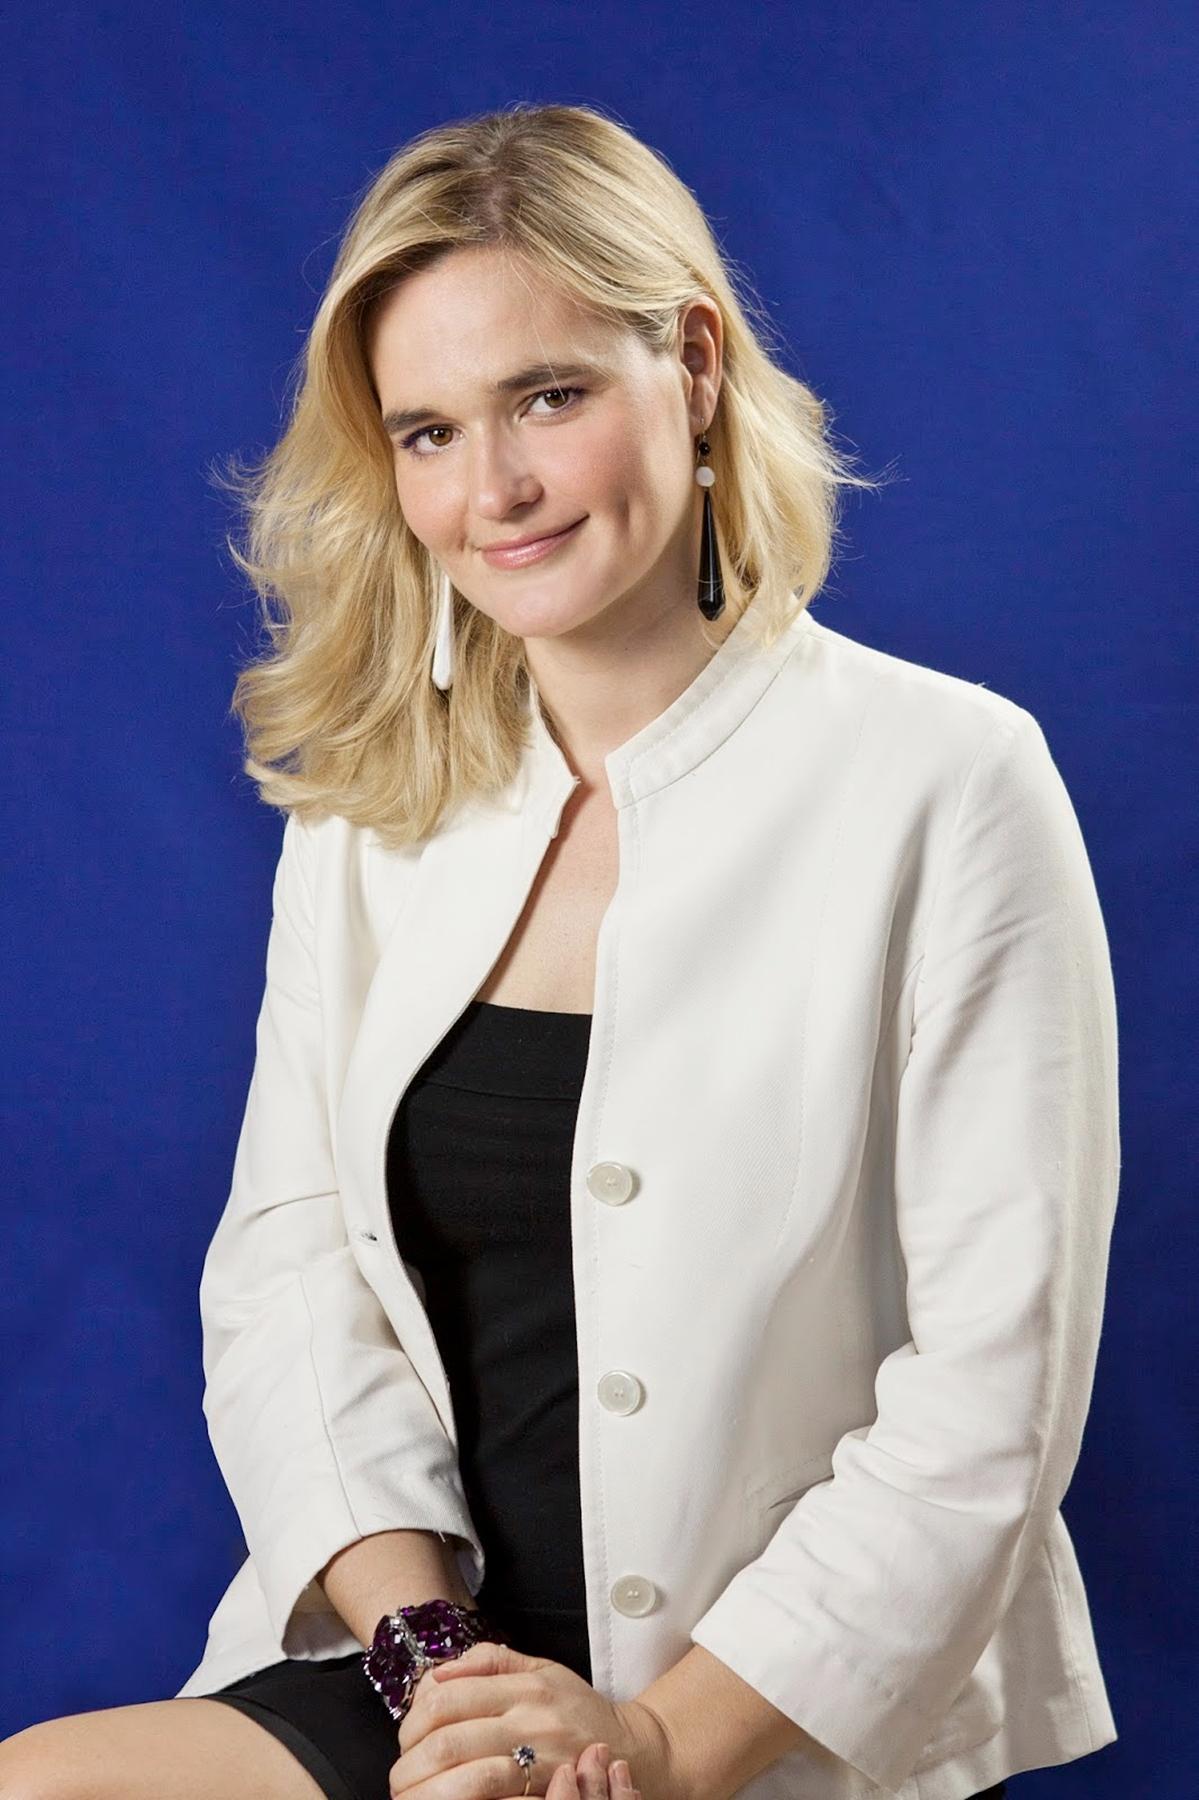 Aglaia McClintock